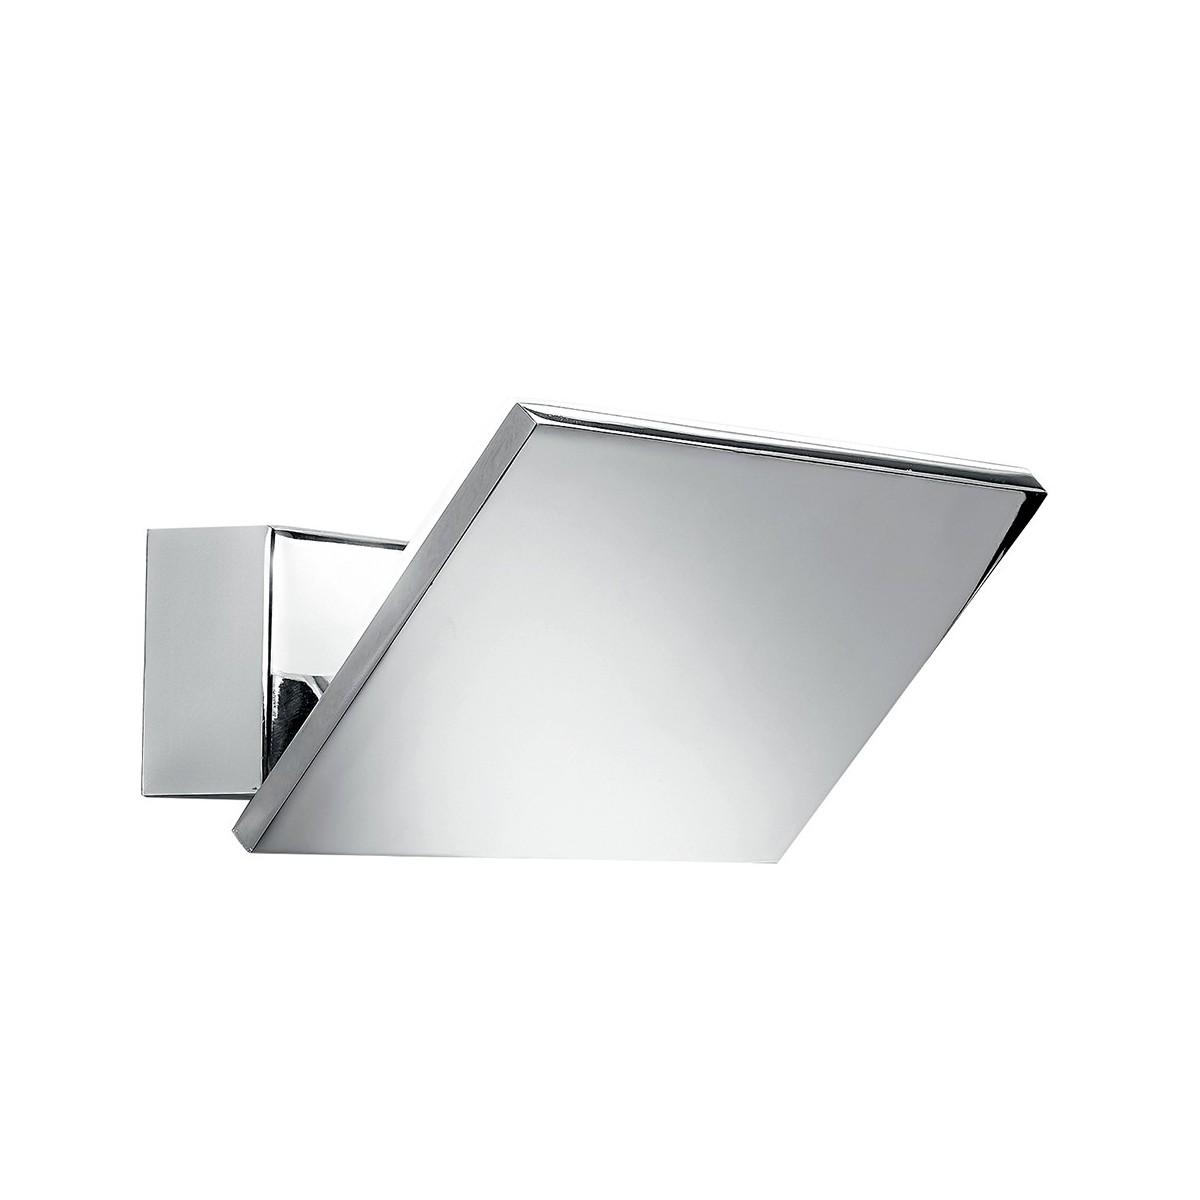 LED-W-OMICRON / 6W - Applique avec